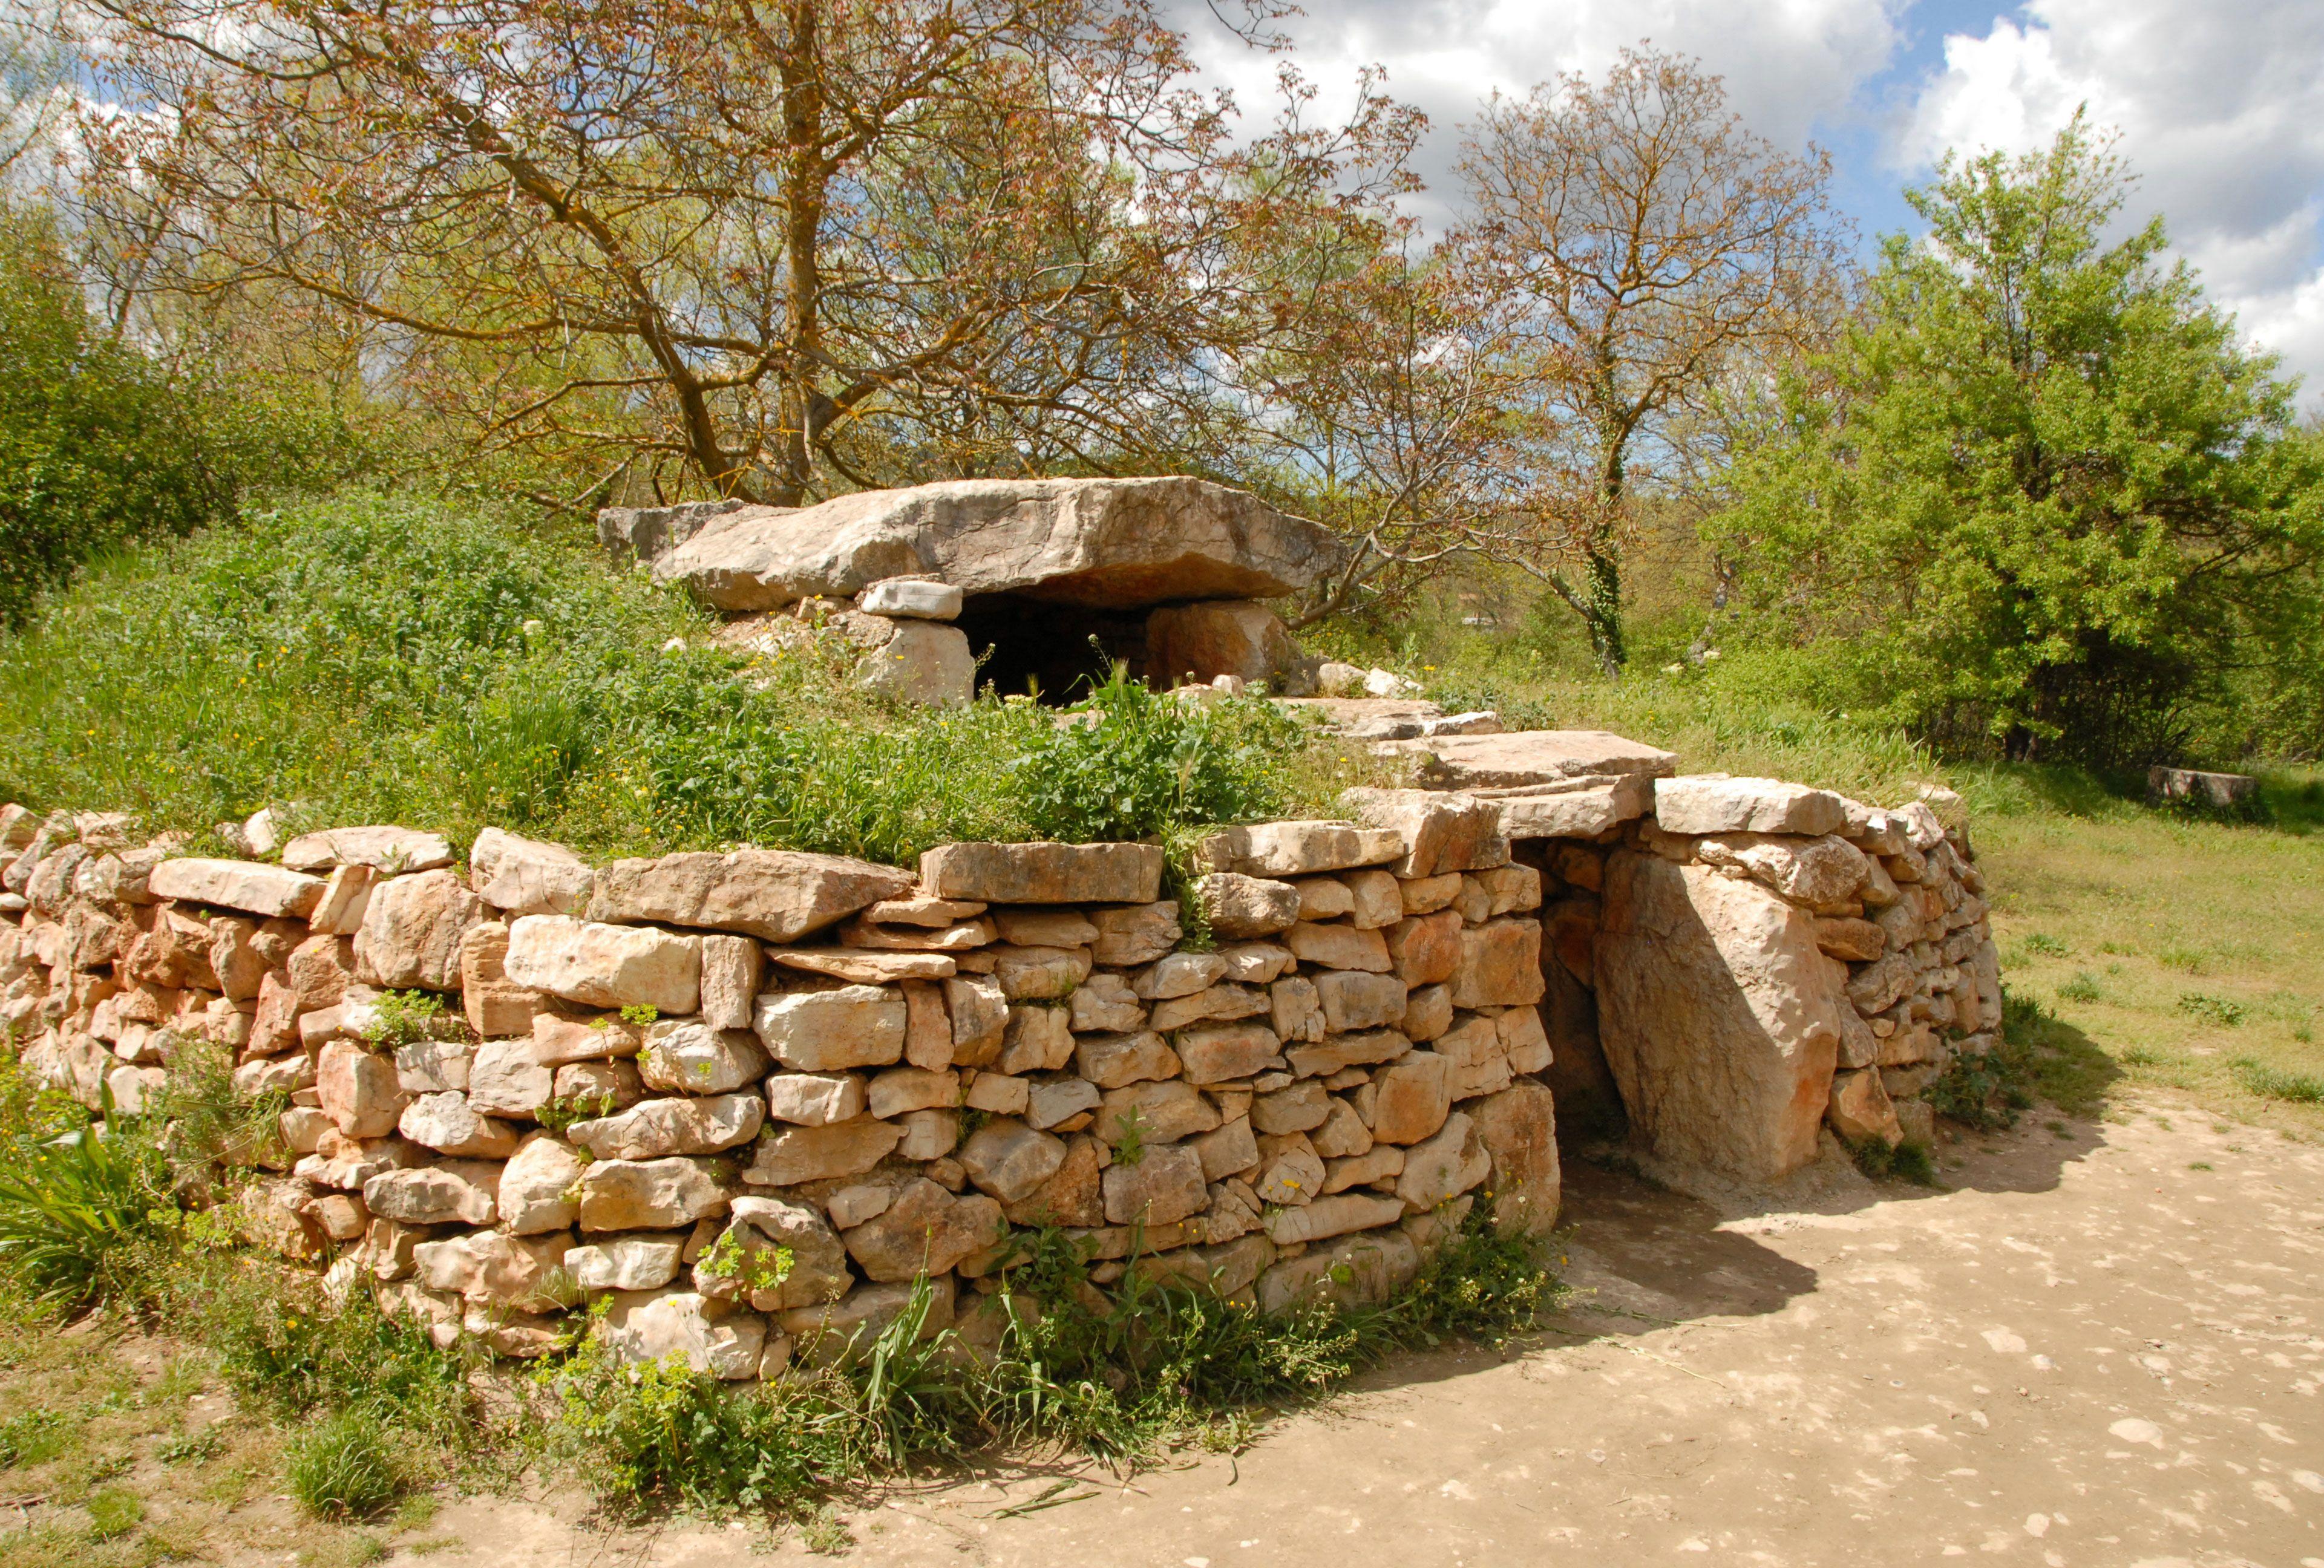 Reconstitution de la cabane de Terra Amata  Nice il y a 400 000 ans habitat préhistorique atc préhistoire Pinterest